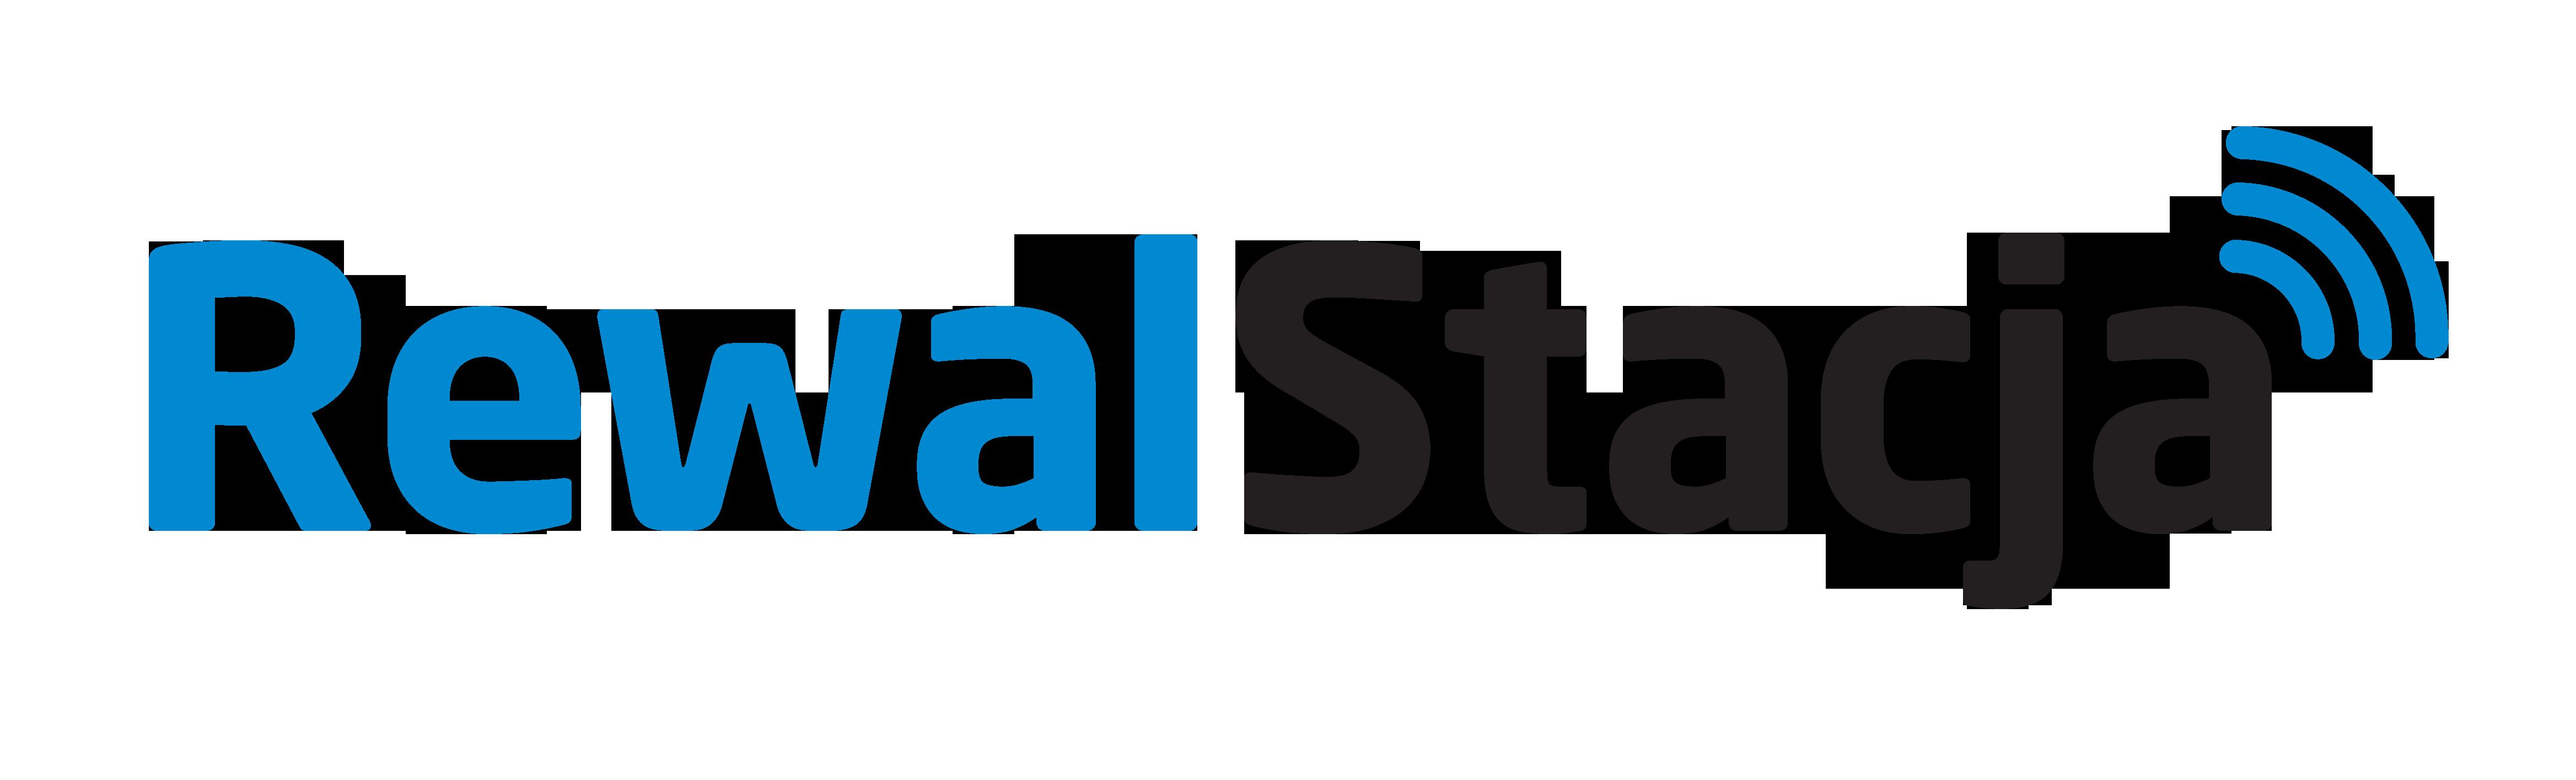 Logo RewalStacji